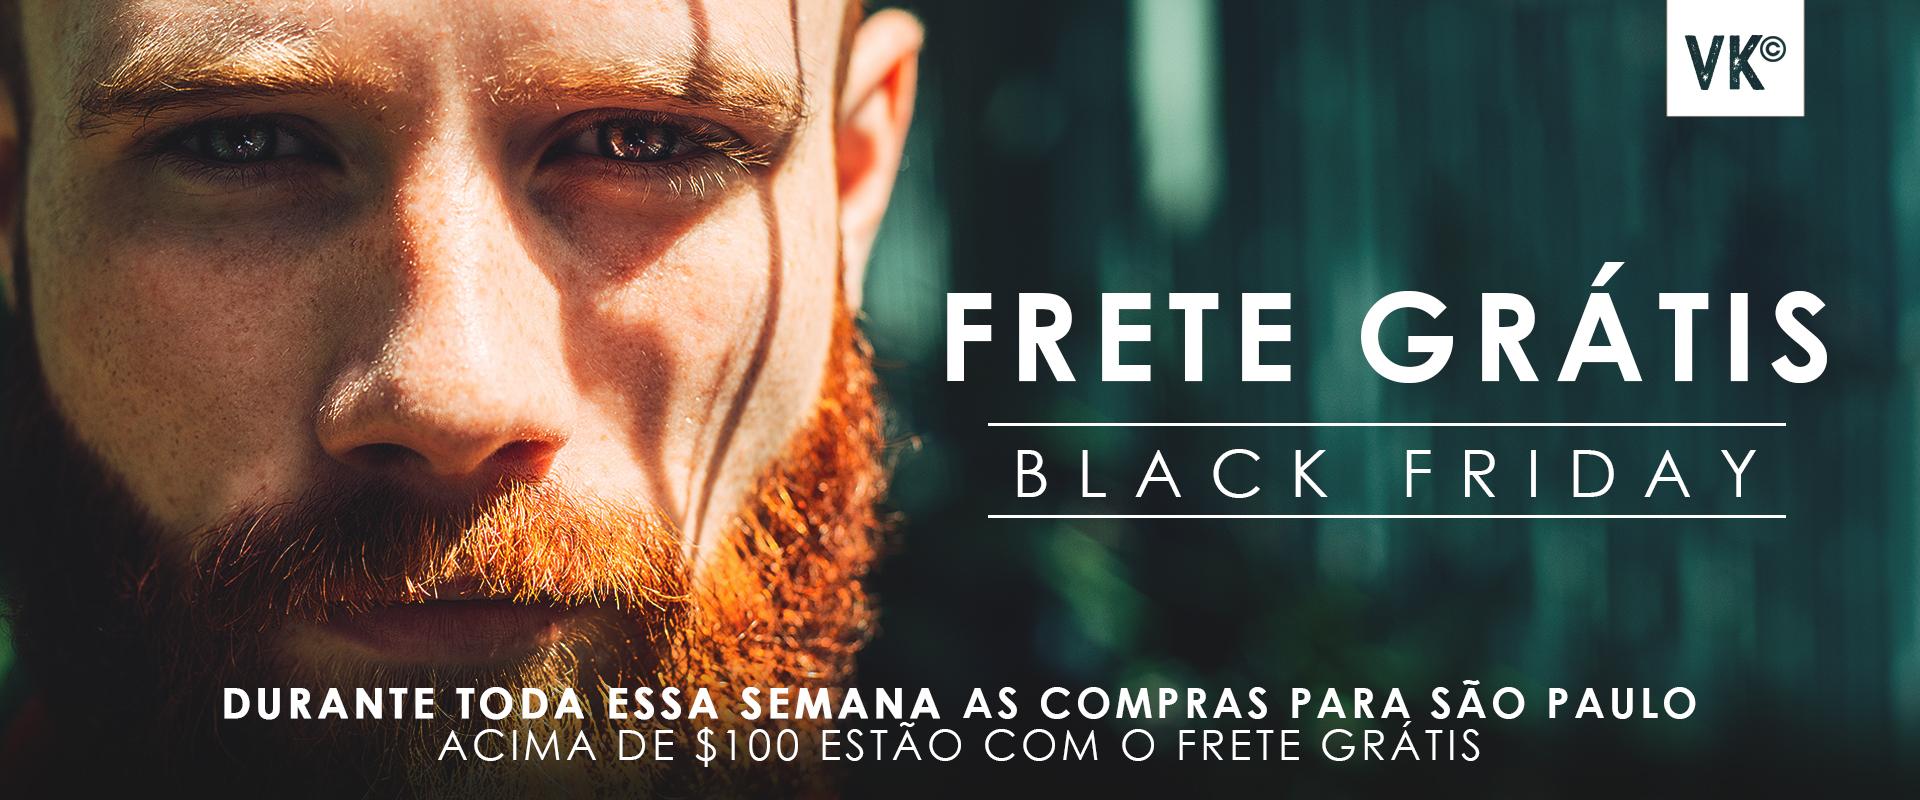 Promoção especial de Black Friday